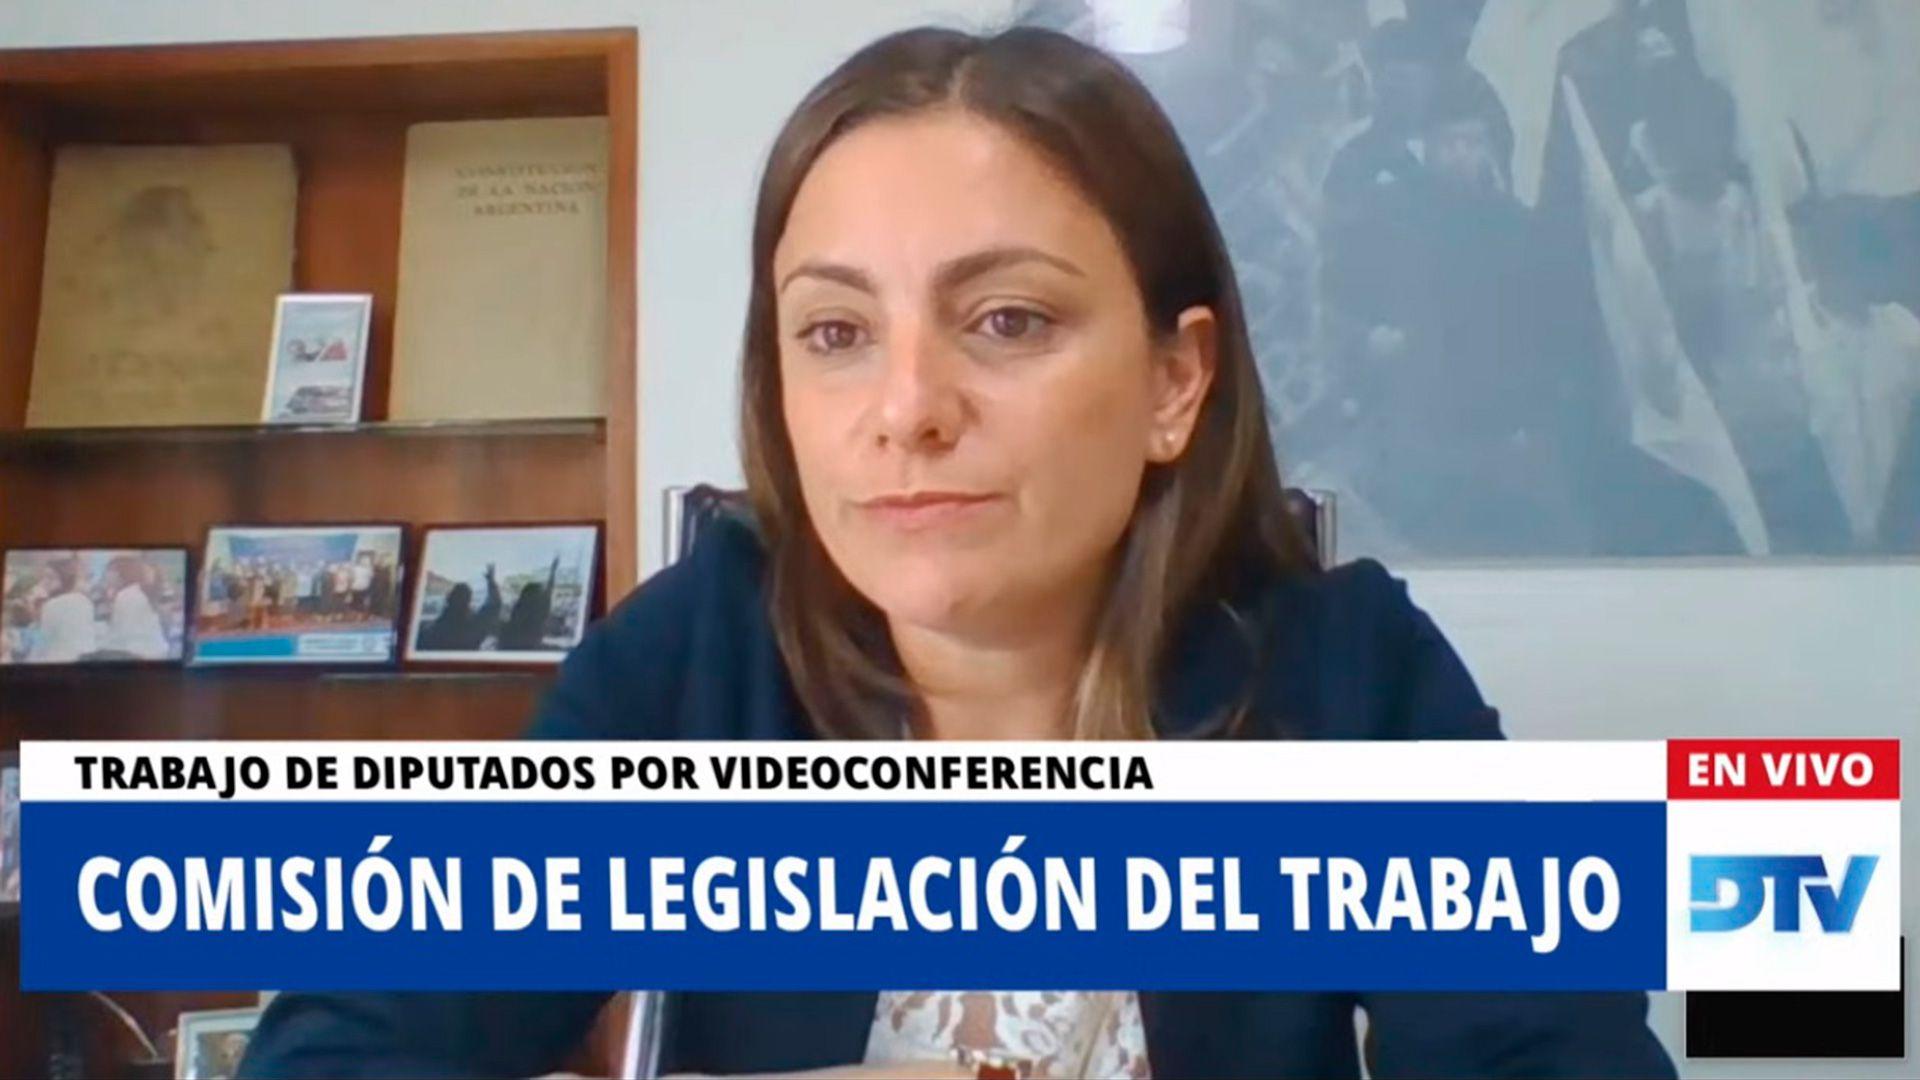 diputada Vanesa Siley, presidenta de la Comisión de Legislación del Trabajo de Diputados, en la reunión informativa sobre el teletrabajo